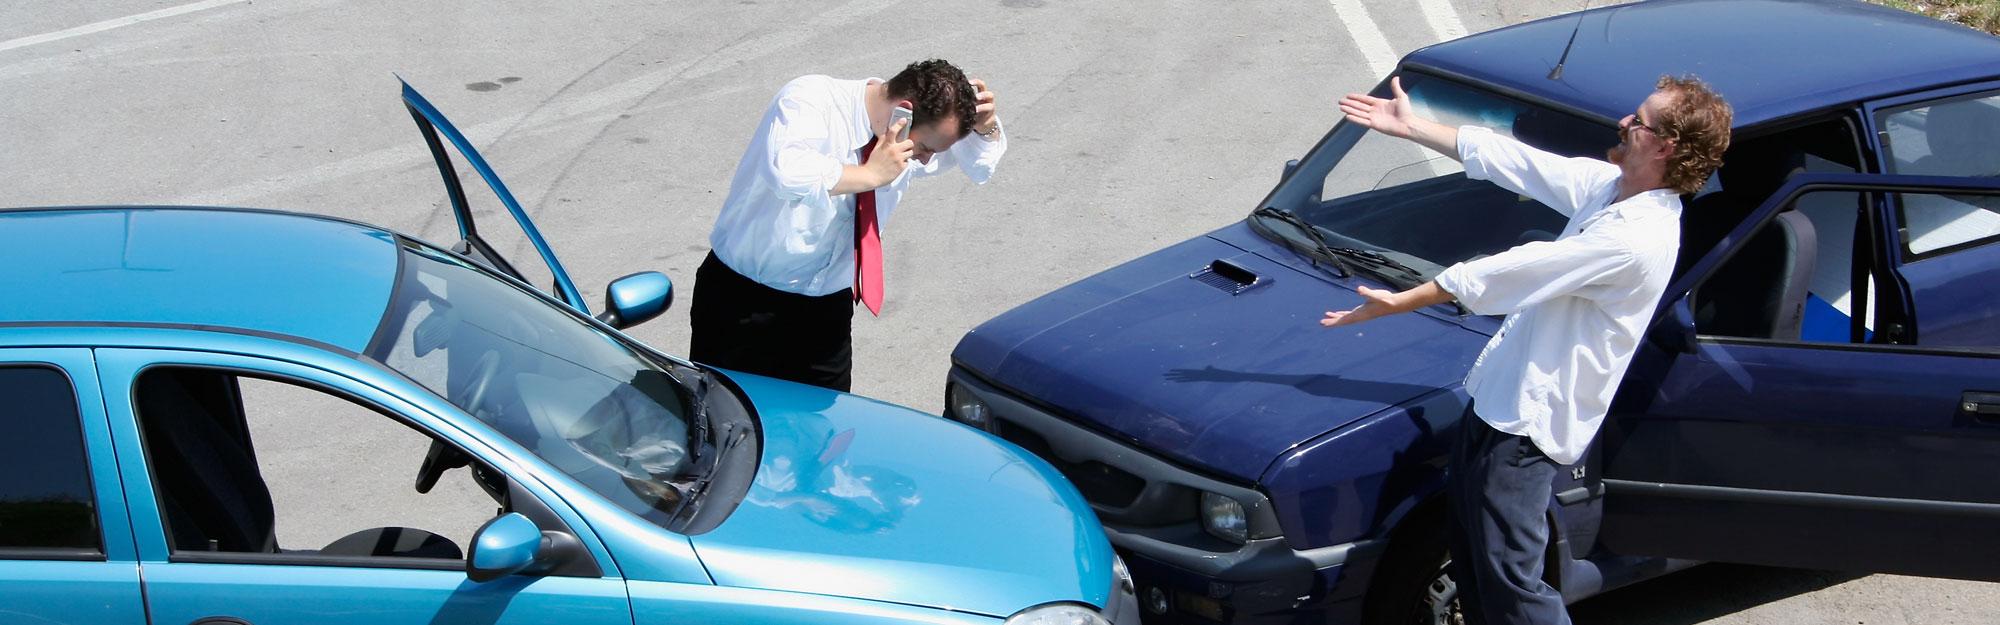 assistenza sinistri assicurazione carrozzeria silvestri afragola officina autorizzata fiat e lancia, meccanico, elettrauto, meccatronico a casalnuovo, acerra, casoria, pomigliano, napoli